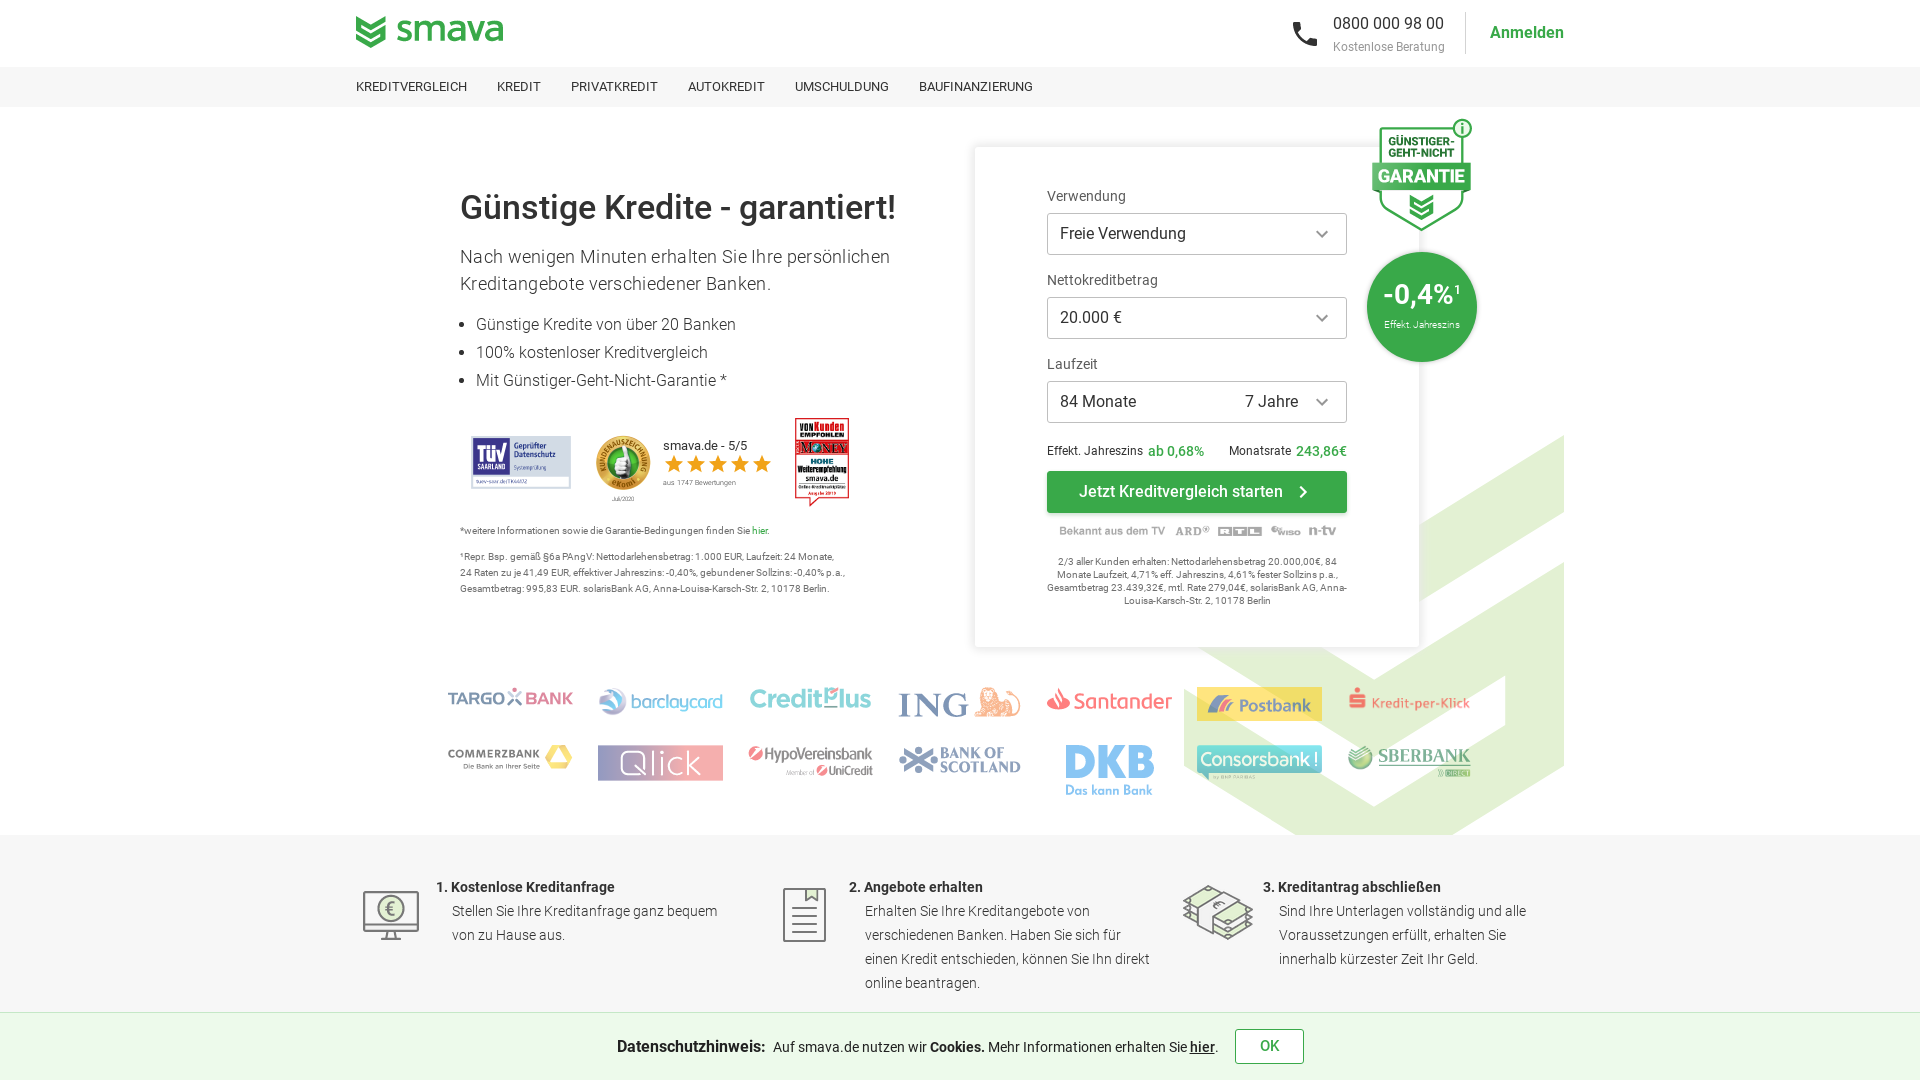 SMAVA [CPS] DE website